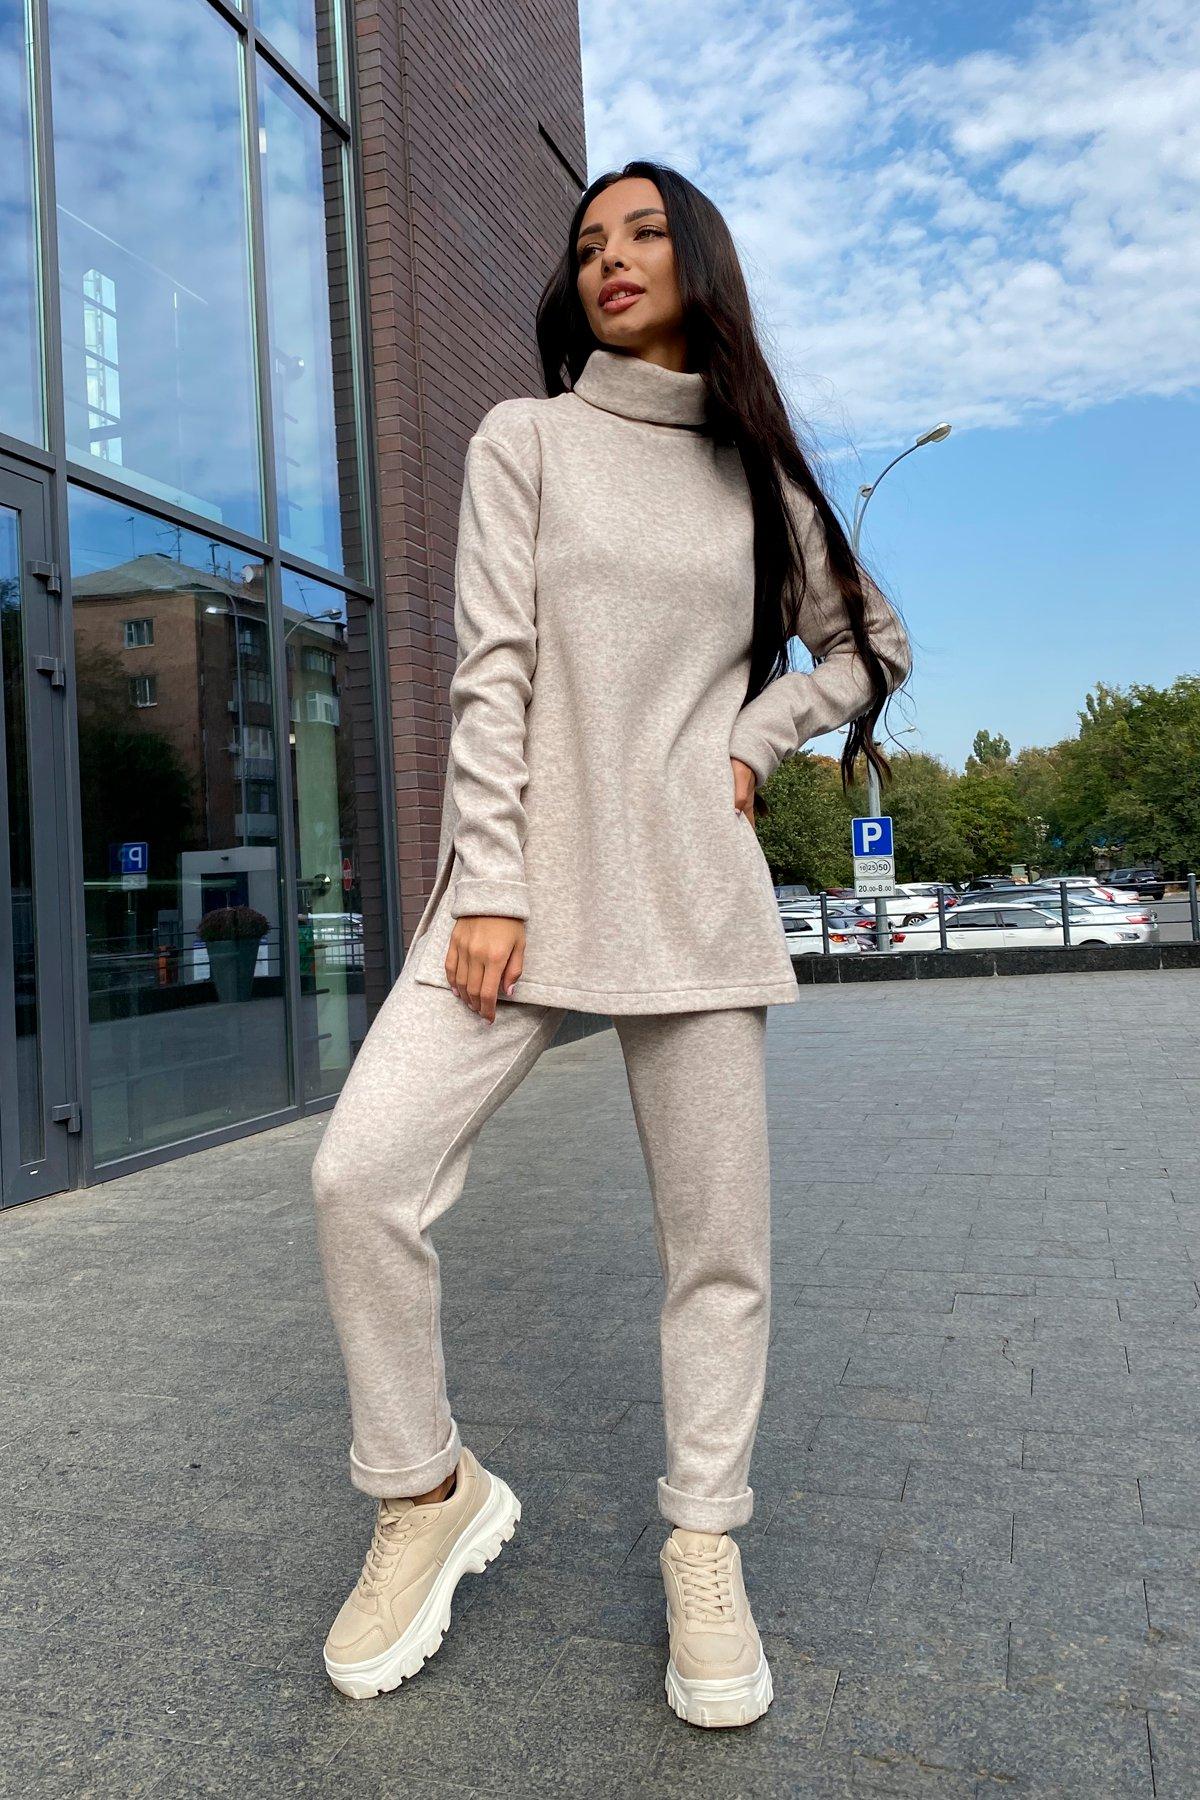 Люкс прогулочный костюм  из ангоры  9975 АРТ. 46263 Цвет: Бежевый 3 - фото 3, интернет магазин tm-modus.ru